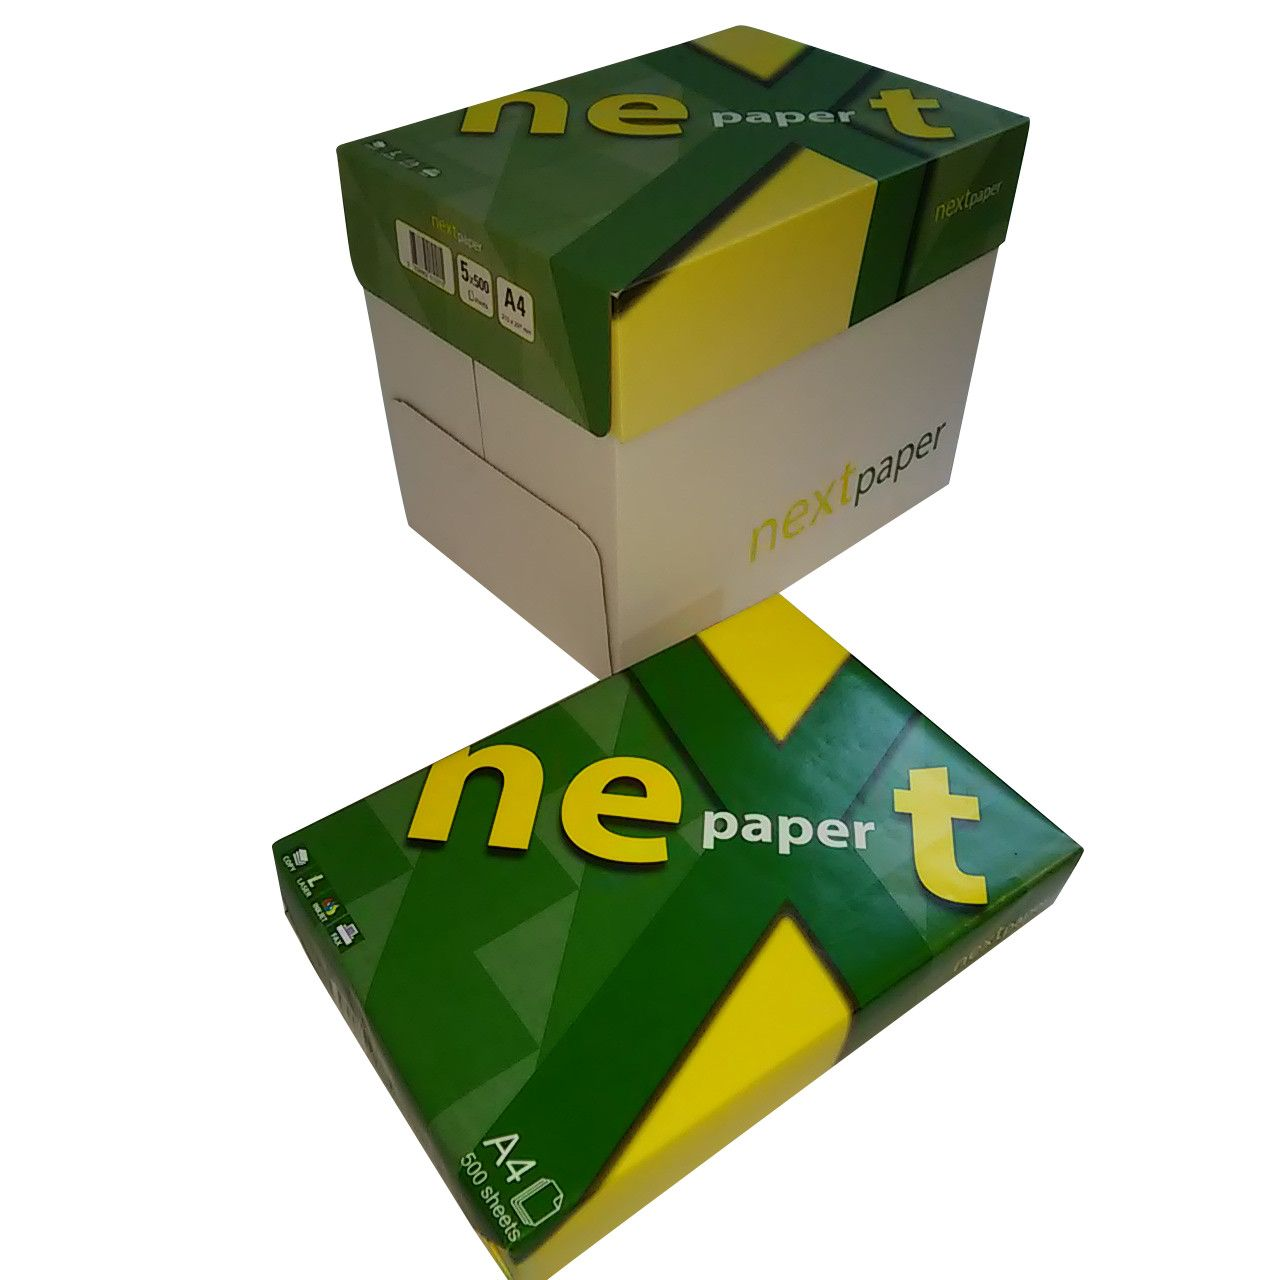 Хартия NextPaper A4, 500 листа в пакет, 80g/m